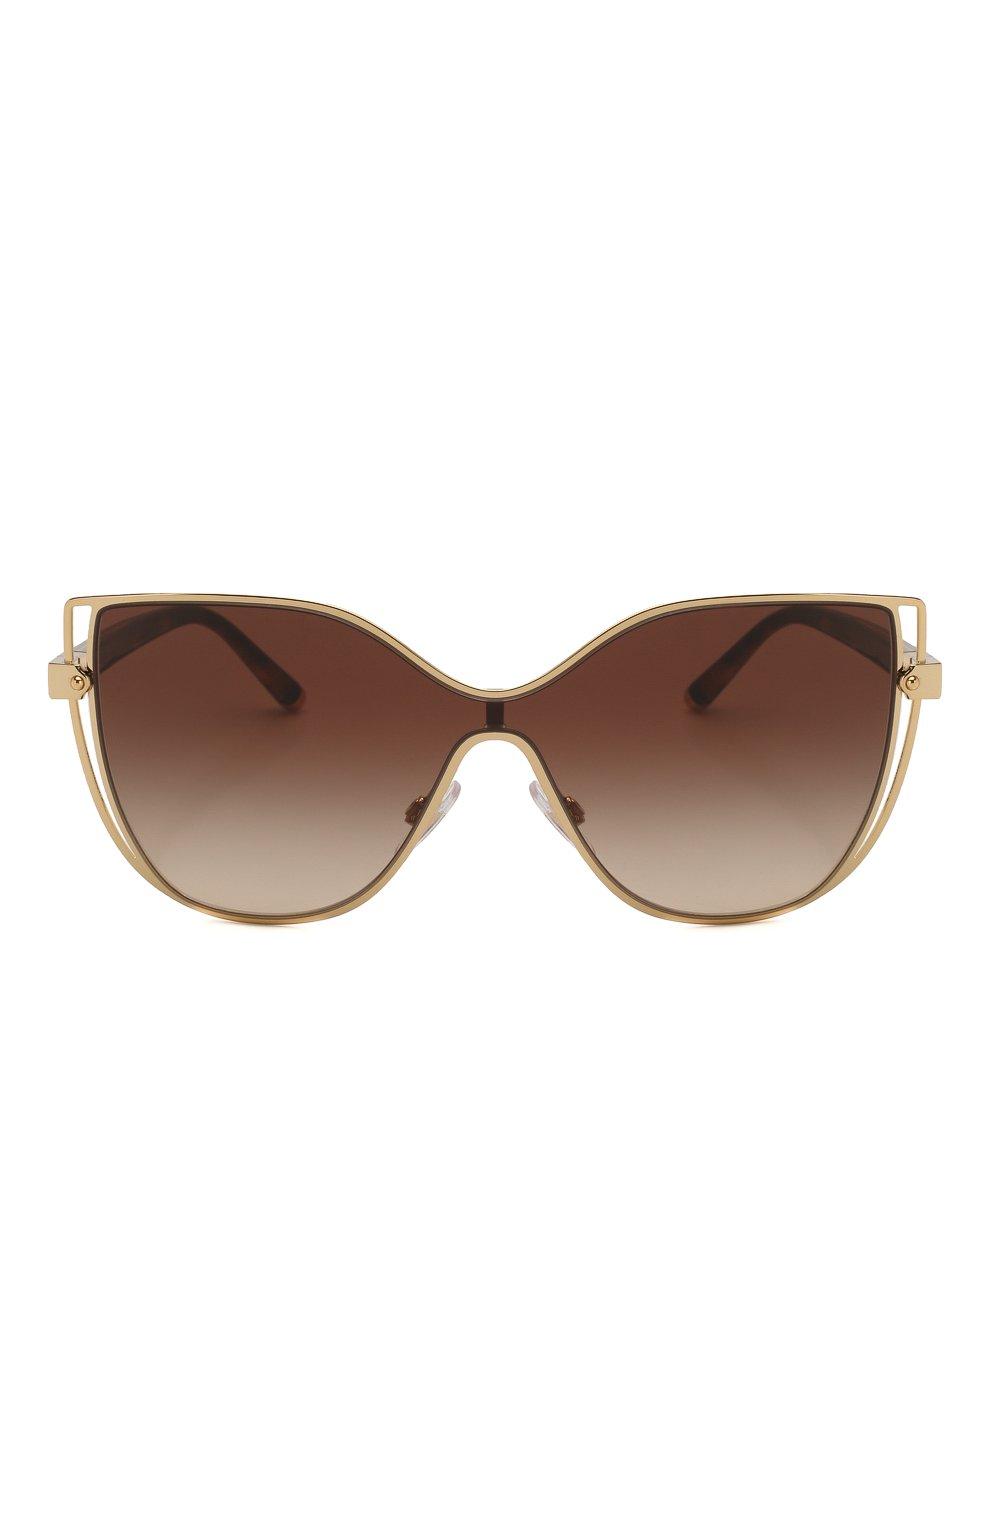 Женские солнцезащитные очки DOLCE & GABBANA коричневого цвета, арт. 2236-02/13 | Фото 3